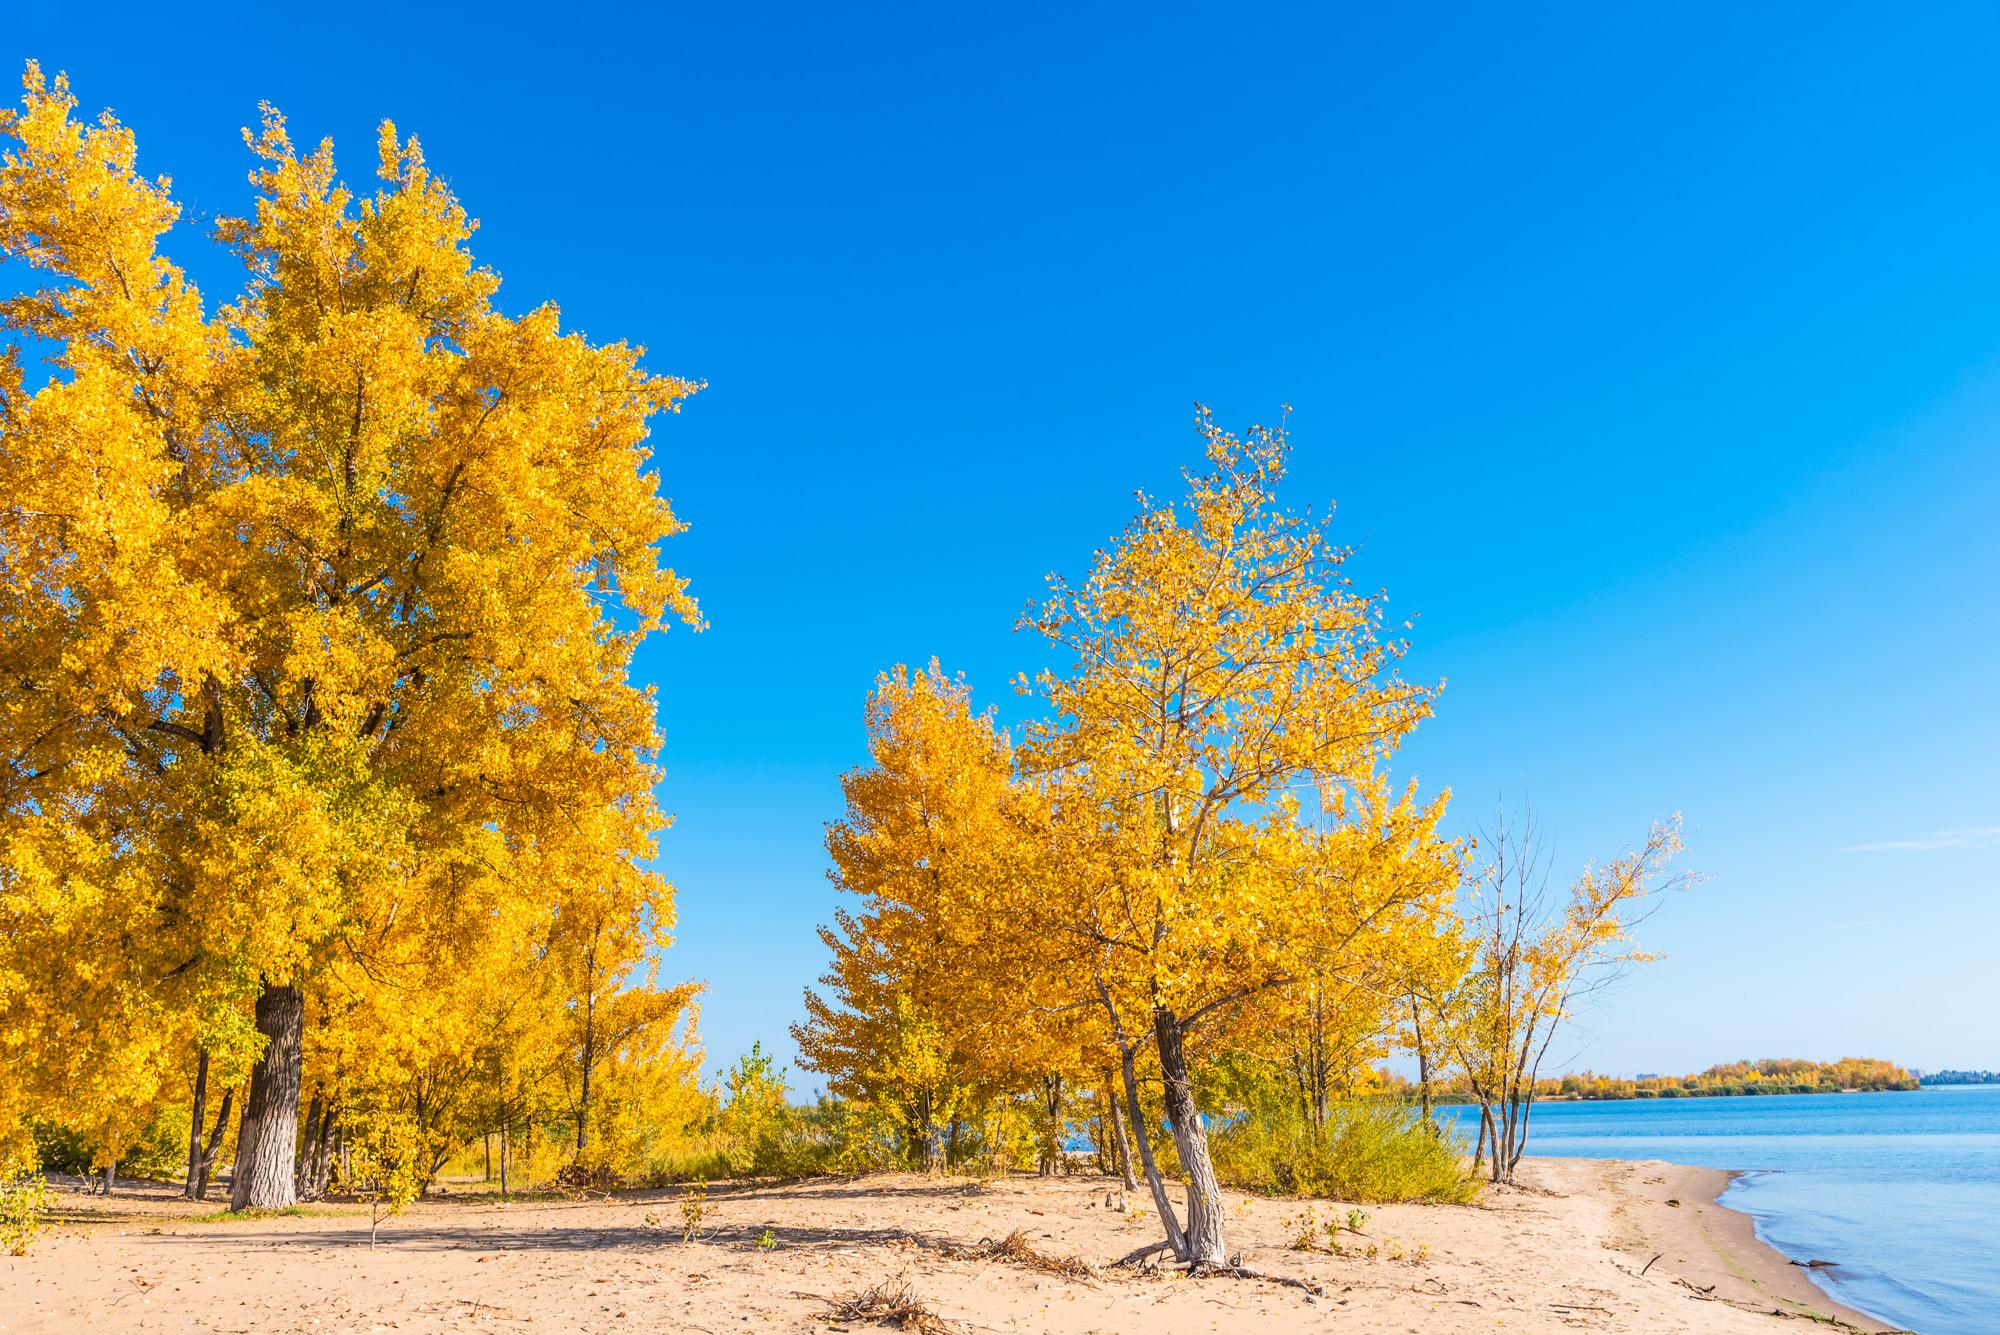 осенний пейзаж на реке